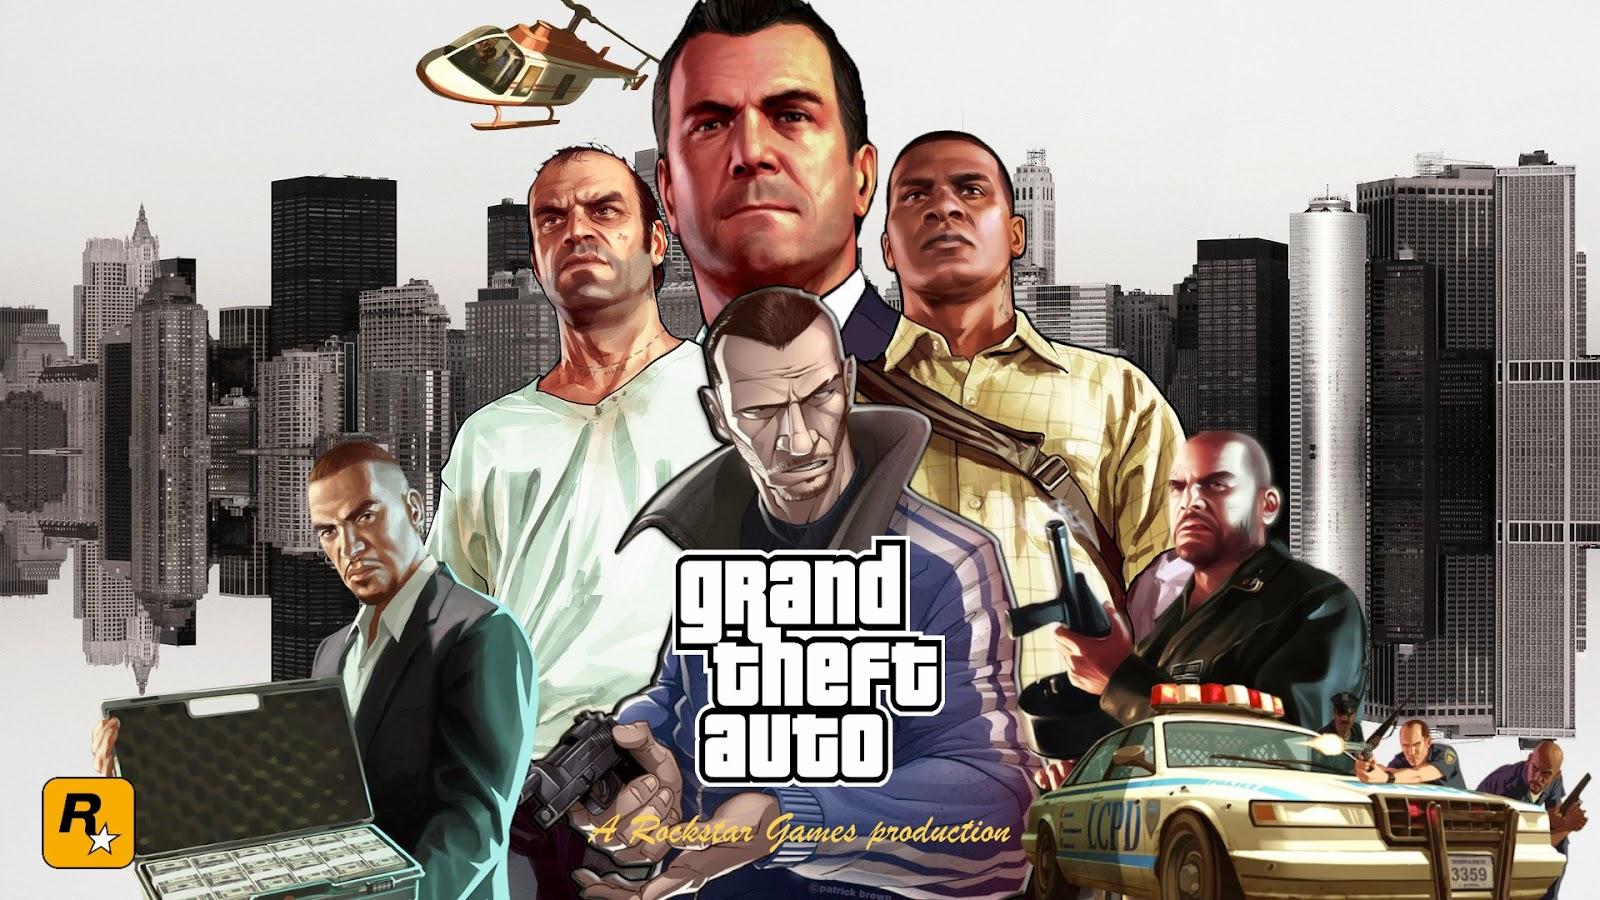 GTA 5 en Pc, nuevo trailer y lanzamiento